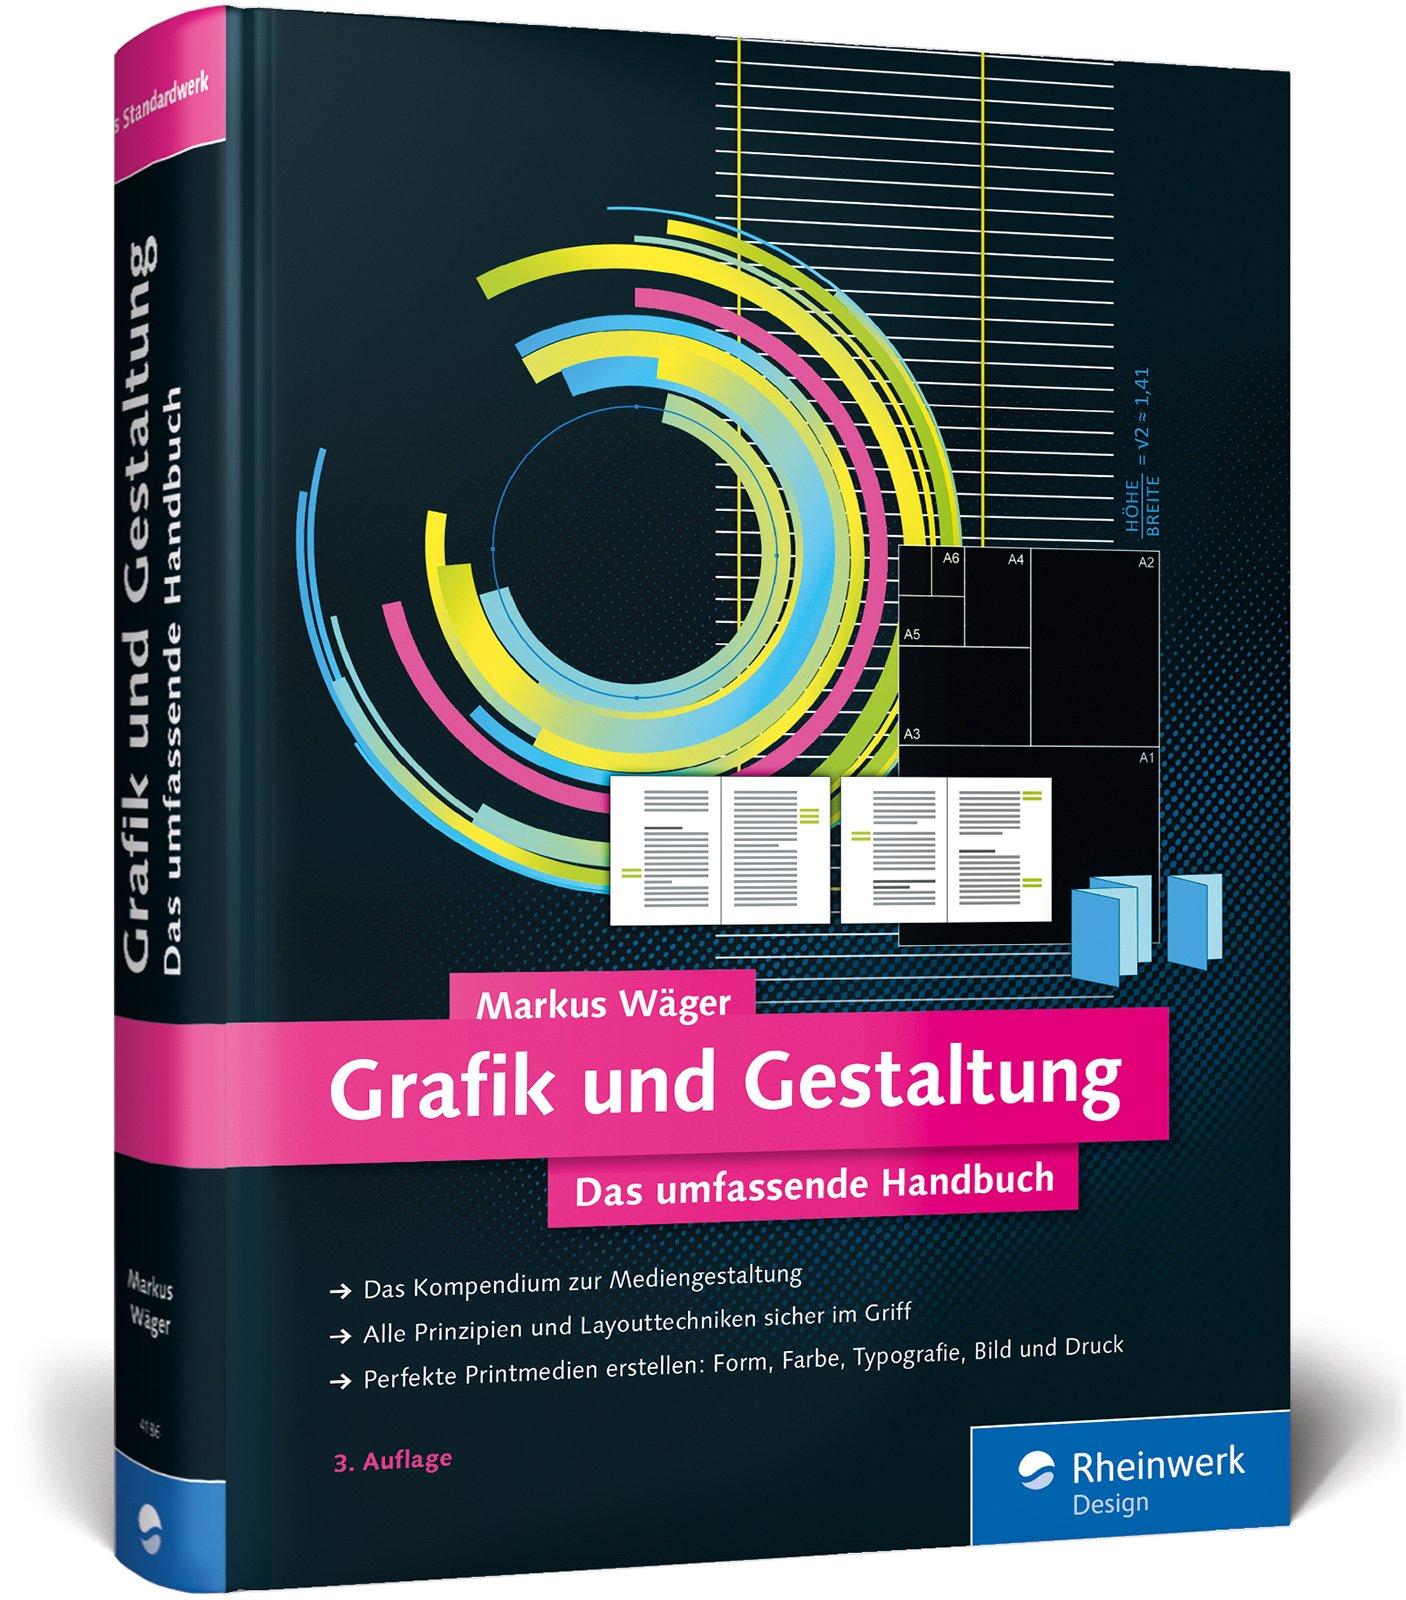 Grafik und Gestaltung - Das umfassende Handbuch (Markus Wäger)